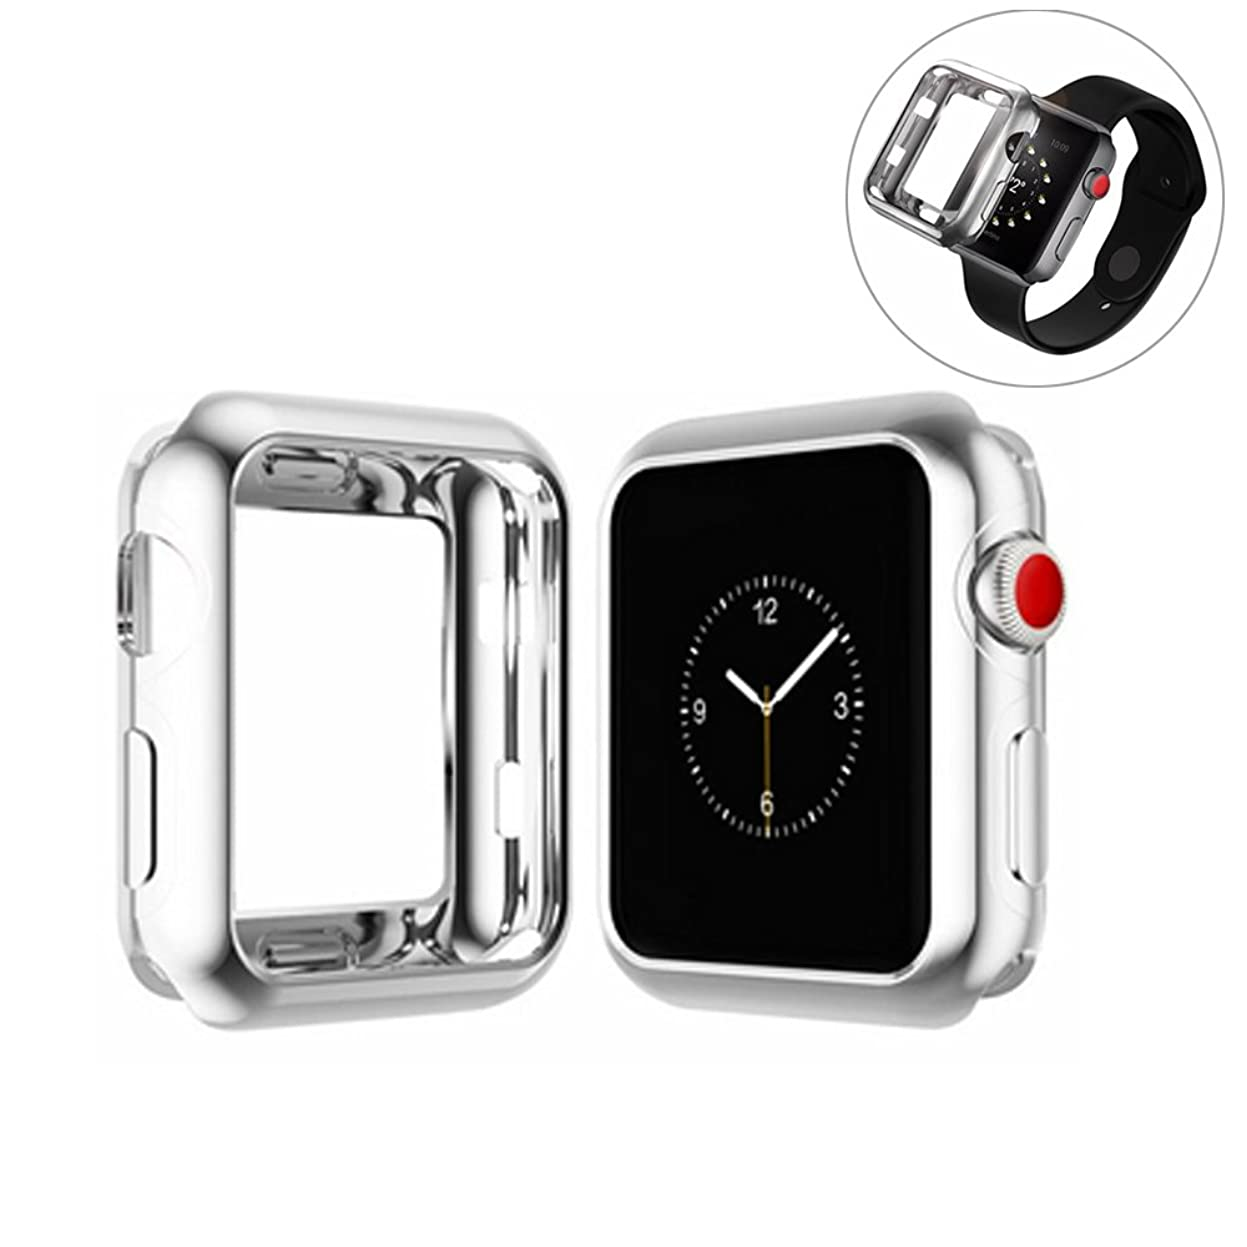 亡命登るつなぐApple Watch Series 3 / Series 2 / Series 1 ケース 38mm, 耐衝撃性 脱着簡単 アップルウォッチ ケース アップルウォッチ カバー シリーズ 3 / シリーズ 2 / シリーズ 1 保護カバー 柔らかい TPUケース